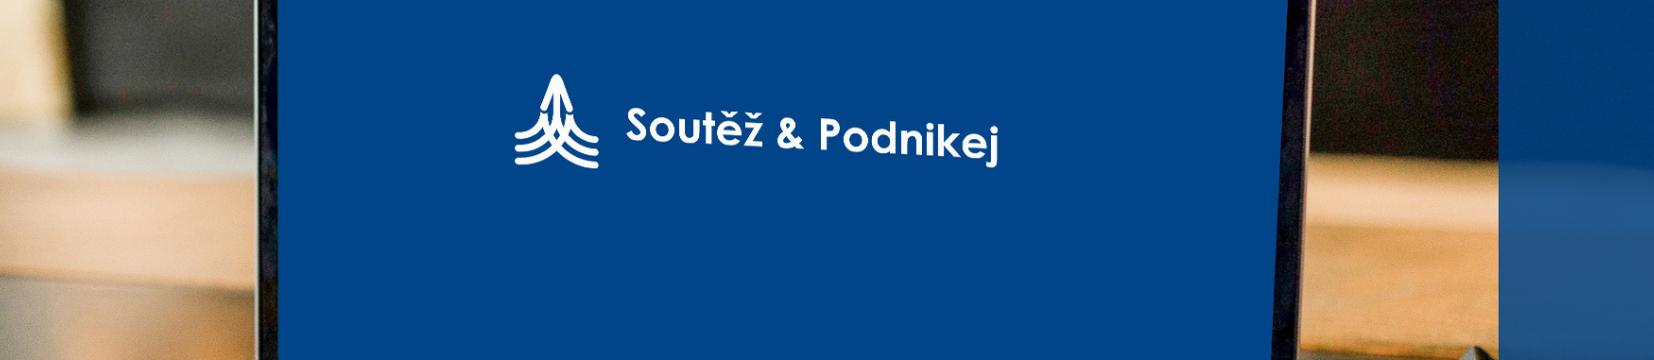 Soutěž & Podnikej